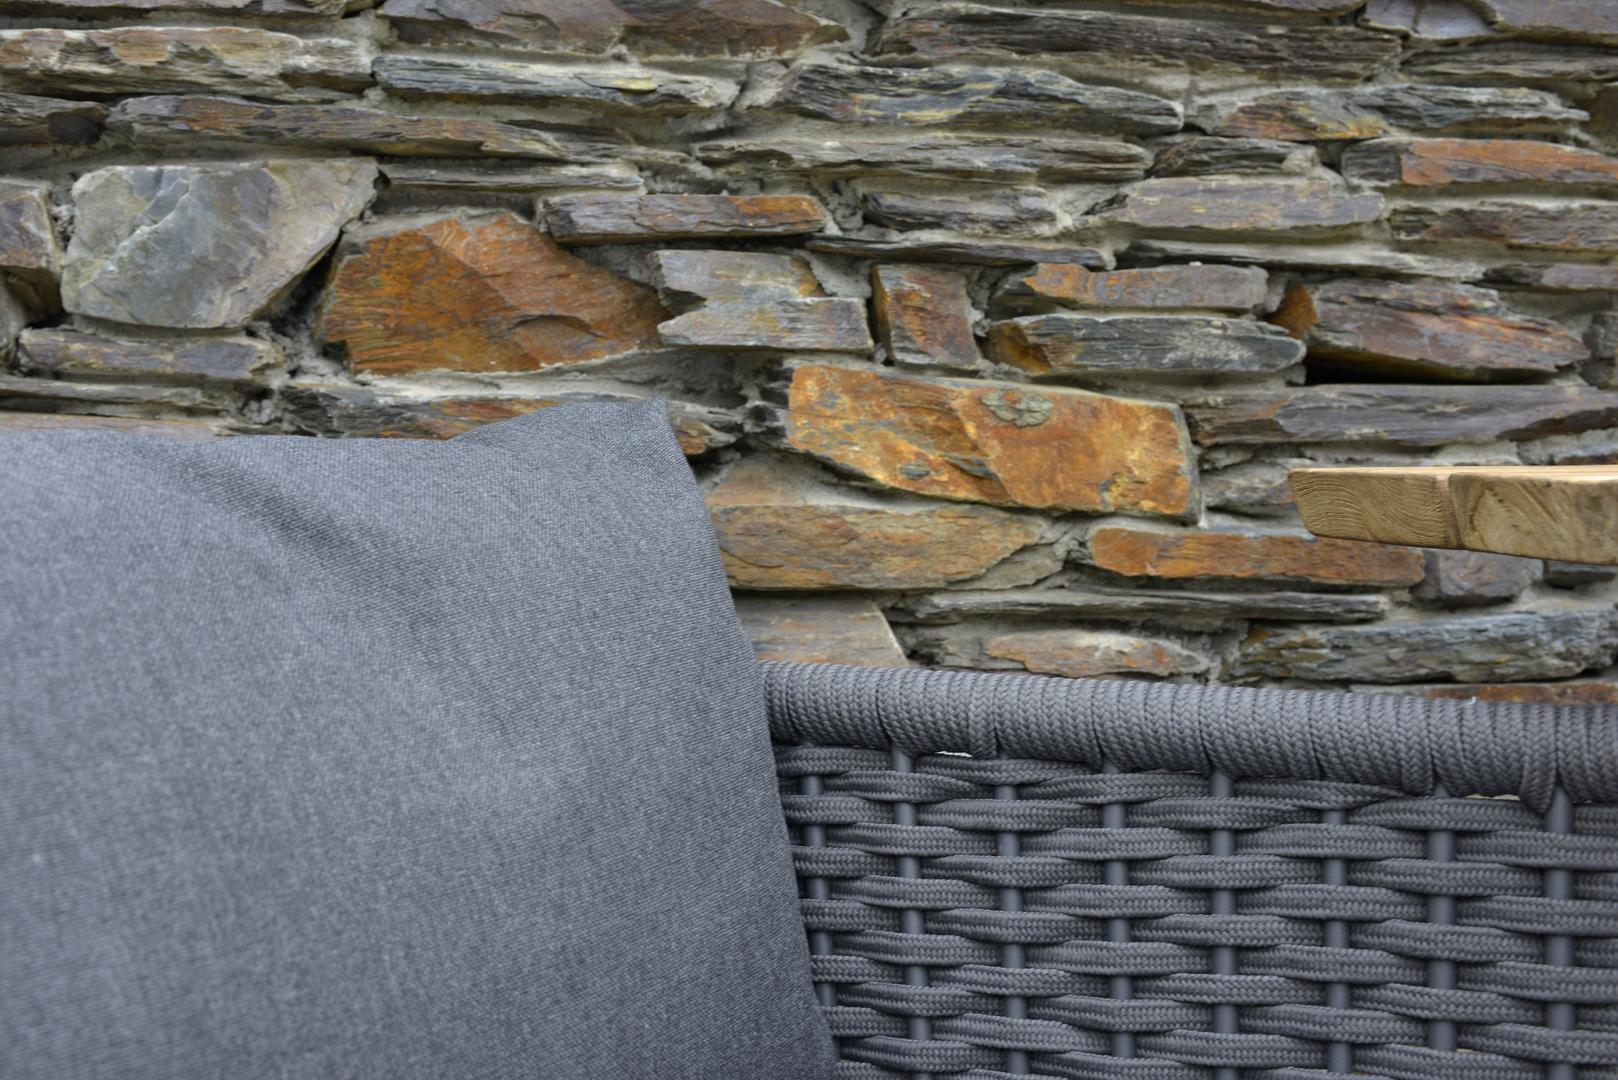 2018 Borek rope Valldemossa chair Studio Borek detail .jpg